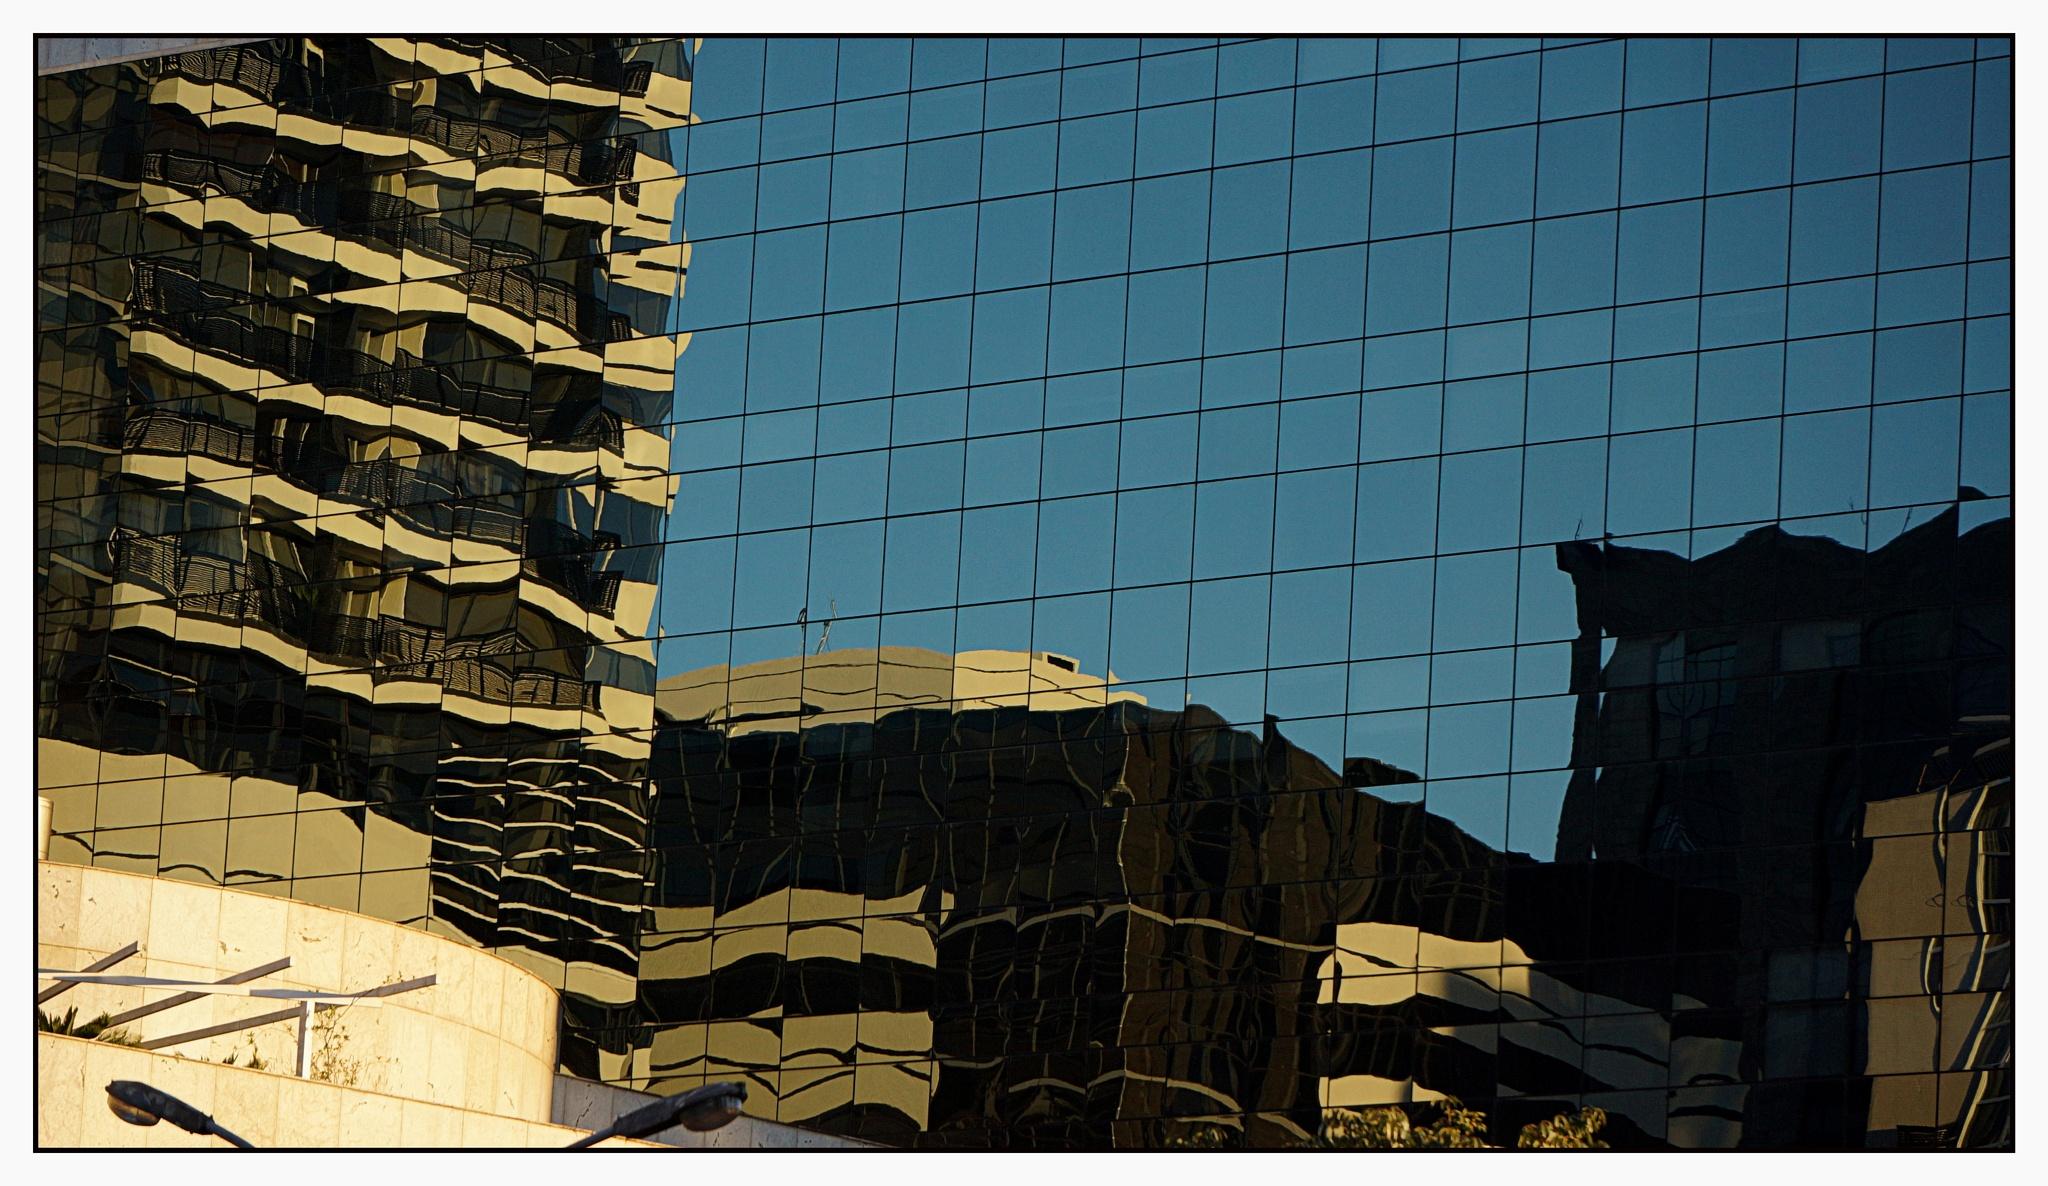 Mosaico Curitibano by José Evaldo Suassuna de Oliveira